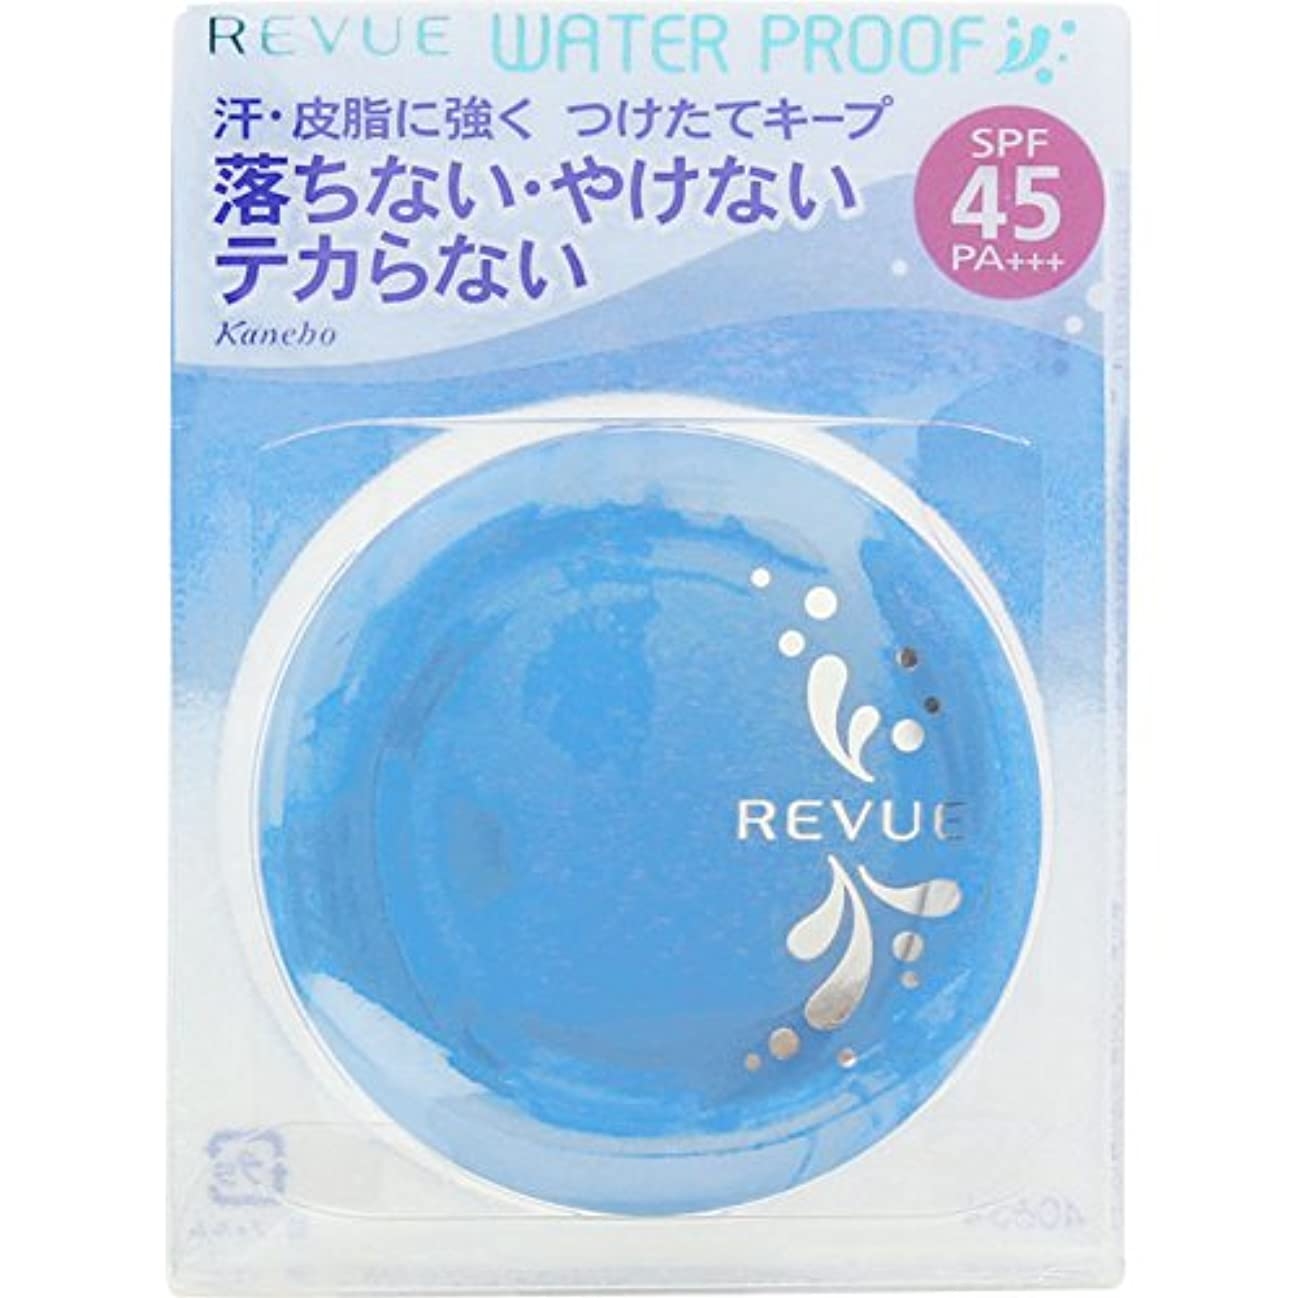 カネボウ REVUE レヴューウォータープルーフ パクトUV【オークルB】 (SPF45?PA+++)